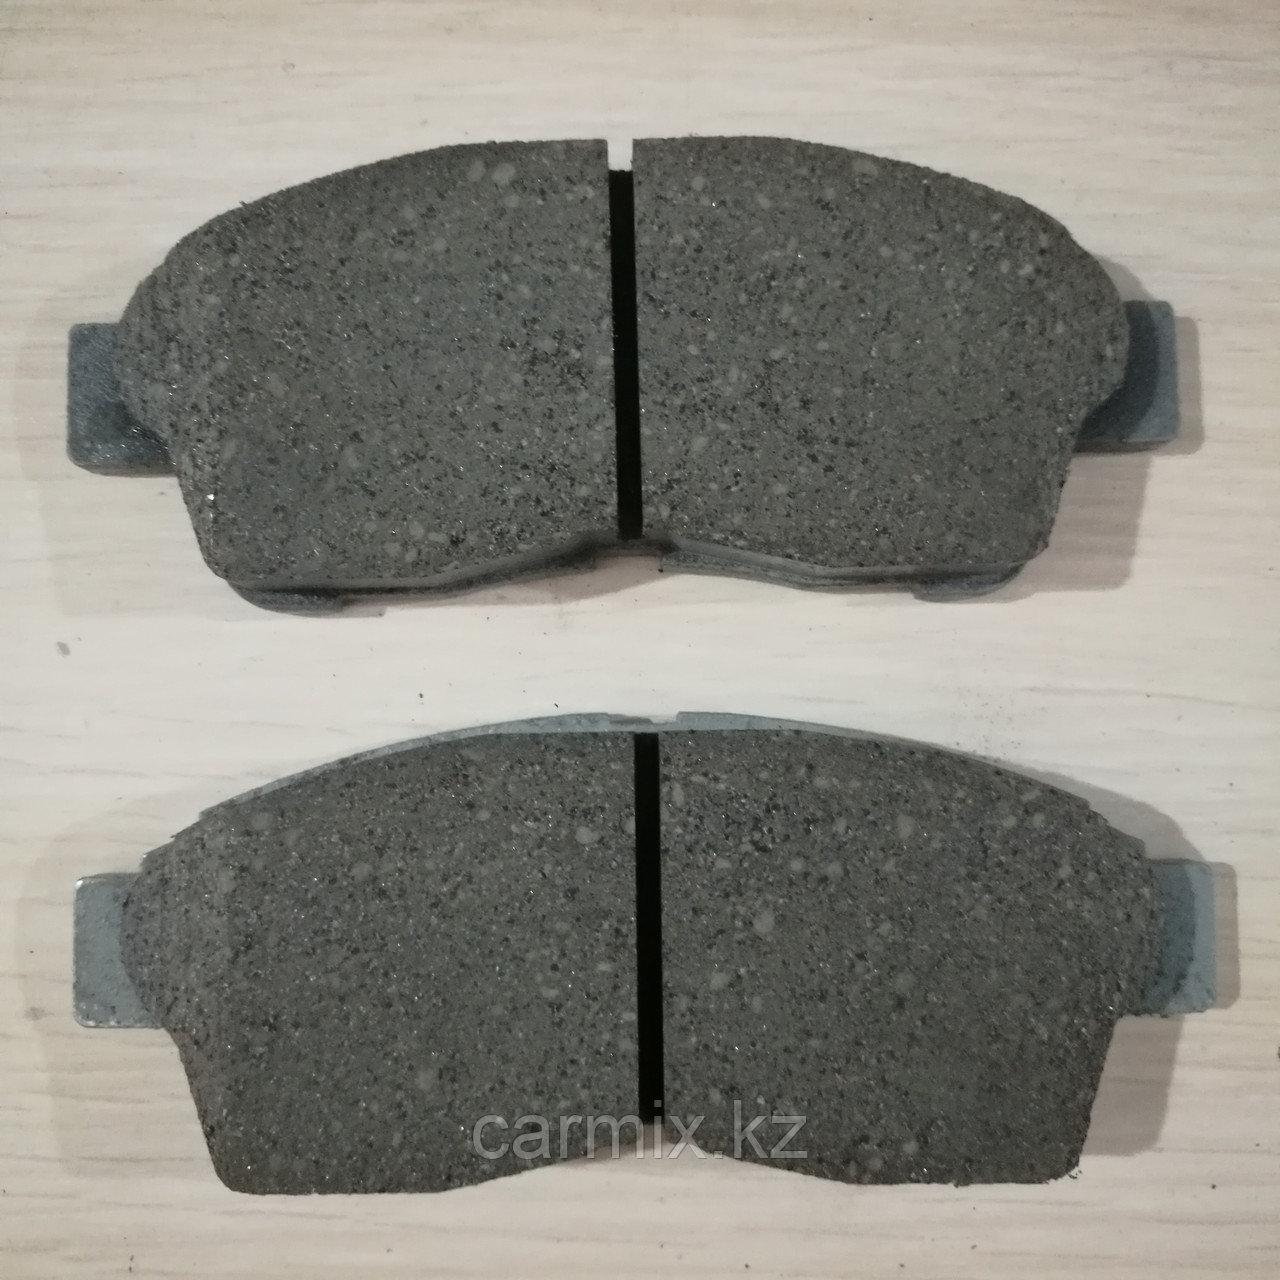 Тормозные колодки передние CARINA E, CALDINA, COROLLA